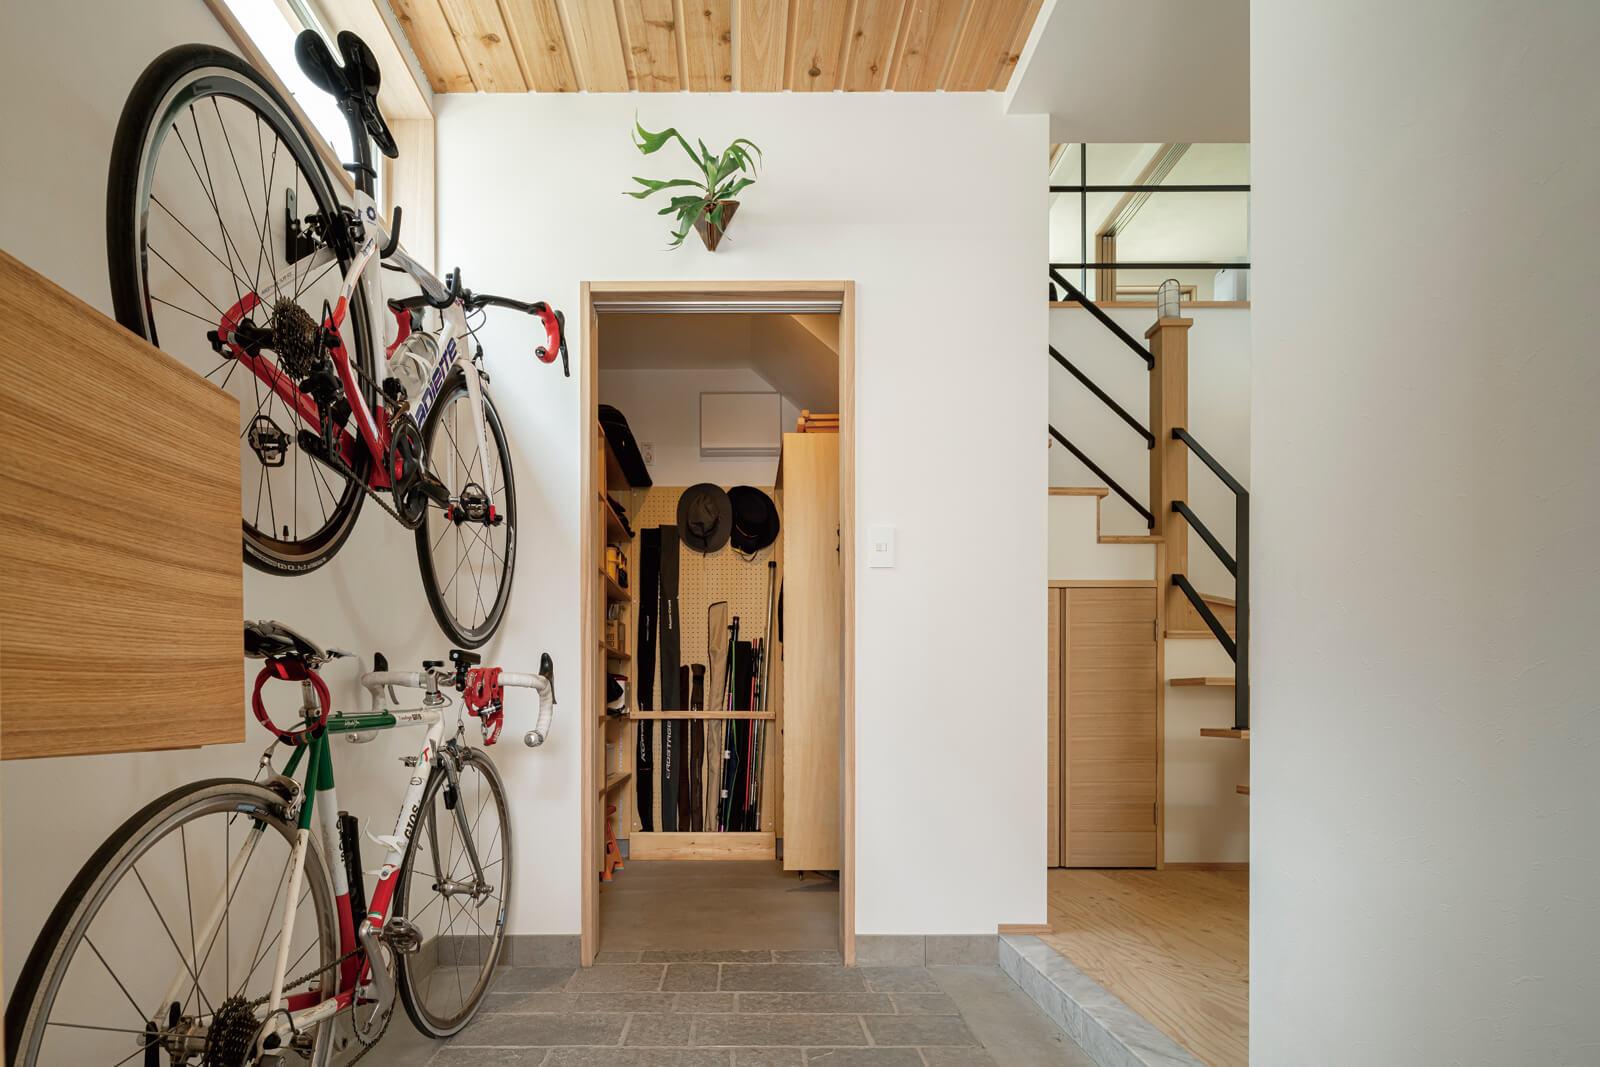 靴やアウターのほかアウトドアグッズなども収納できる大容量のシューズクロークを併設した玄関。趣味のロードバイクは壁面に収納できるようにした